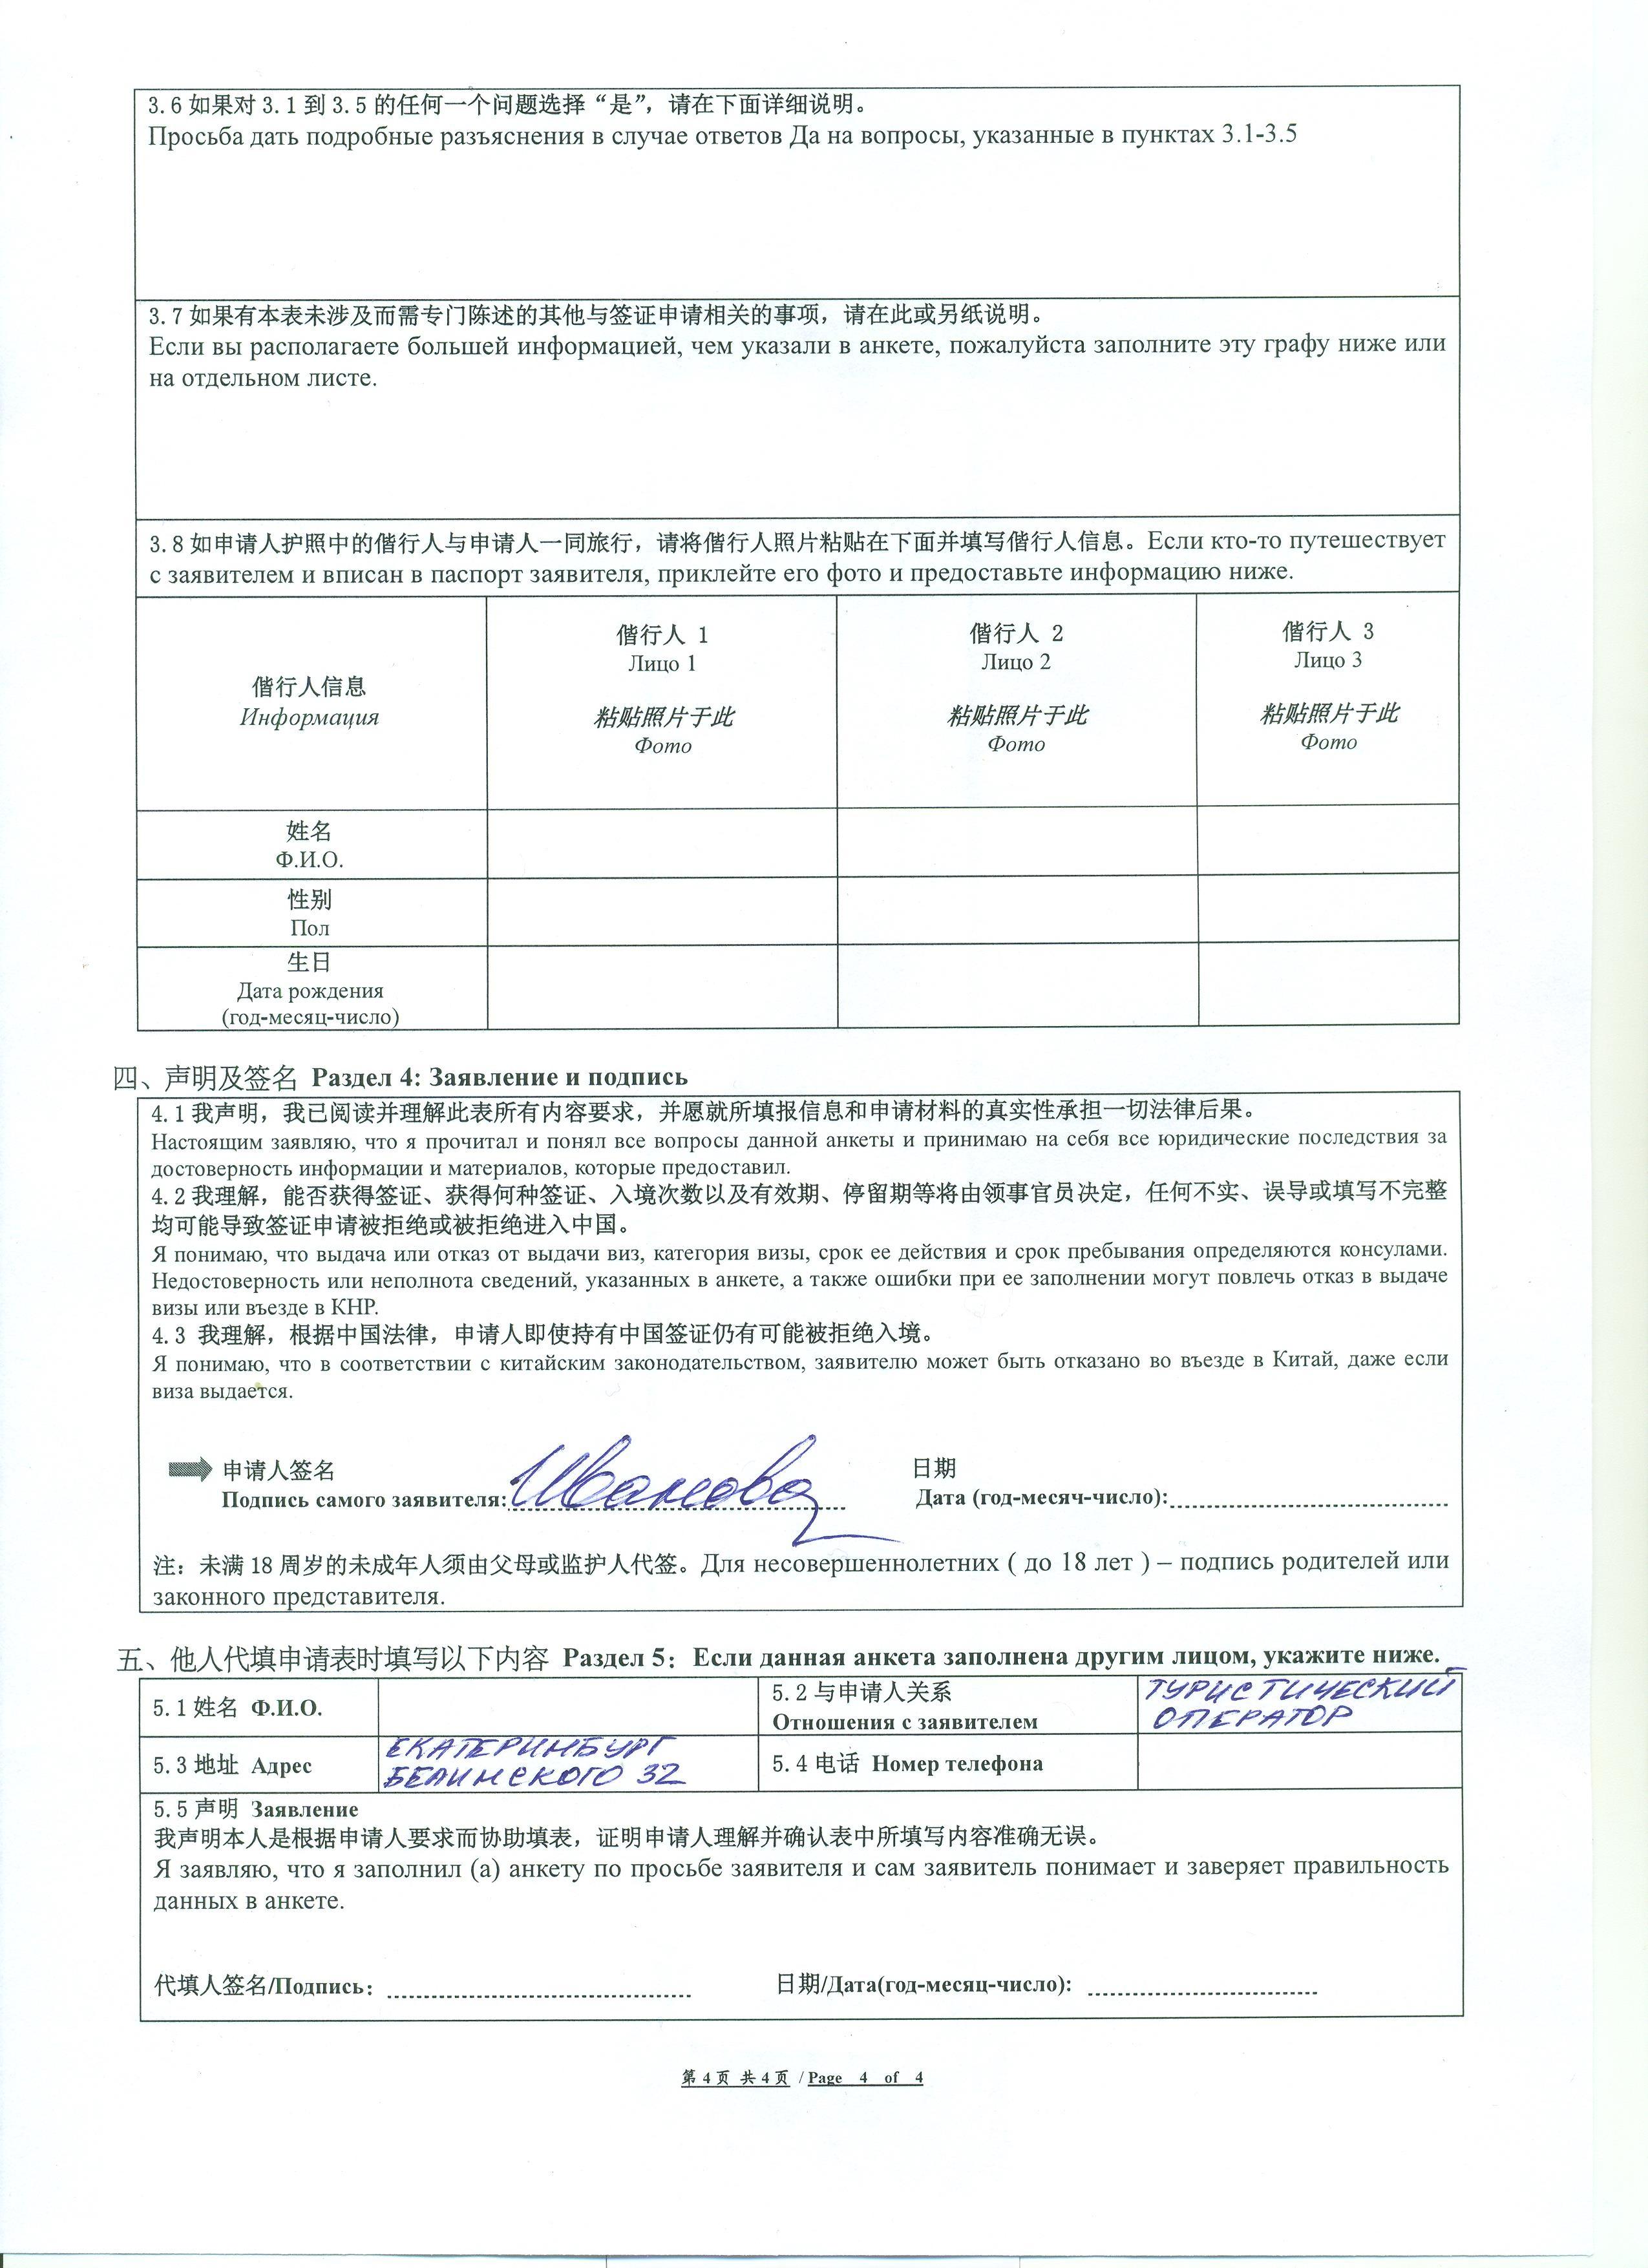 Документы для визы в китай самостоятельно